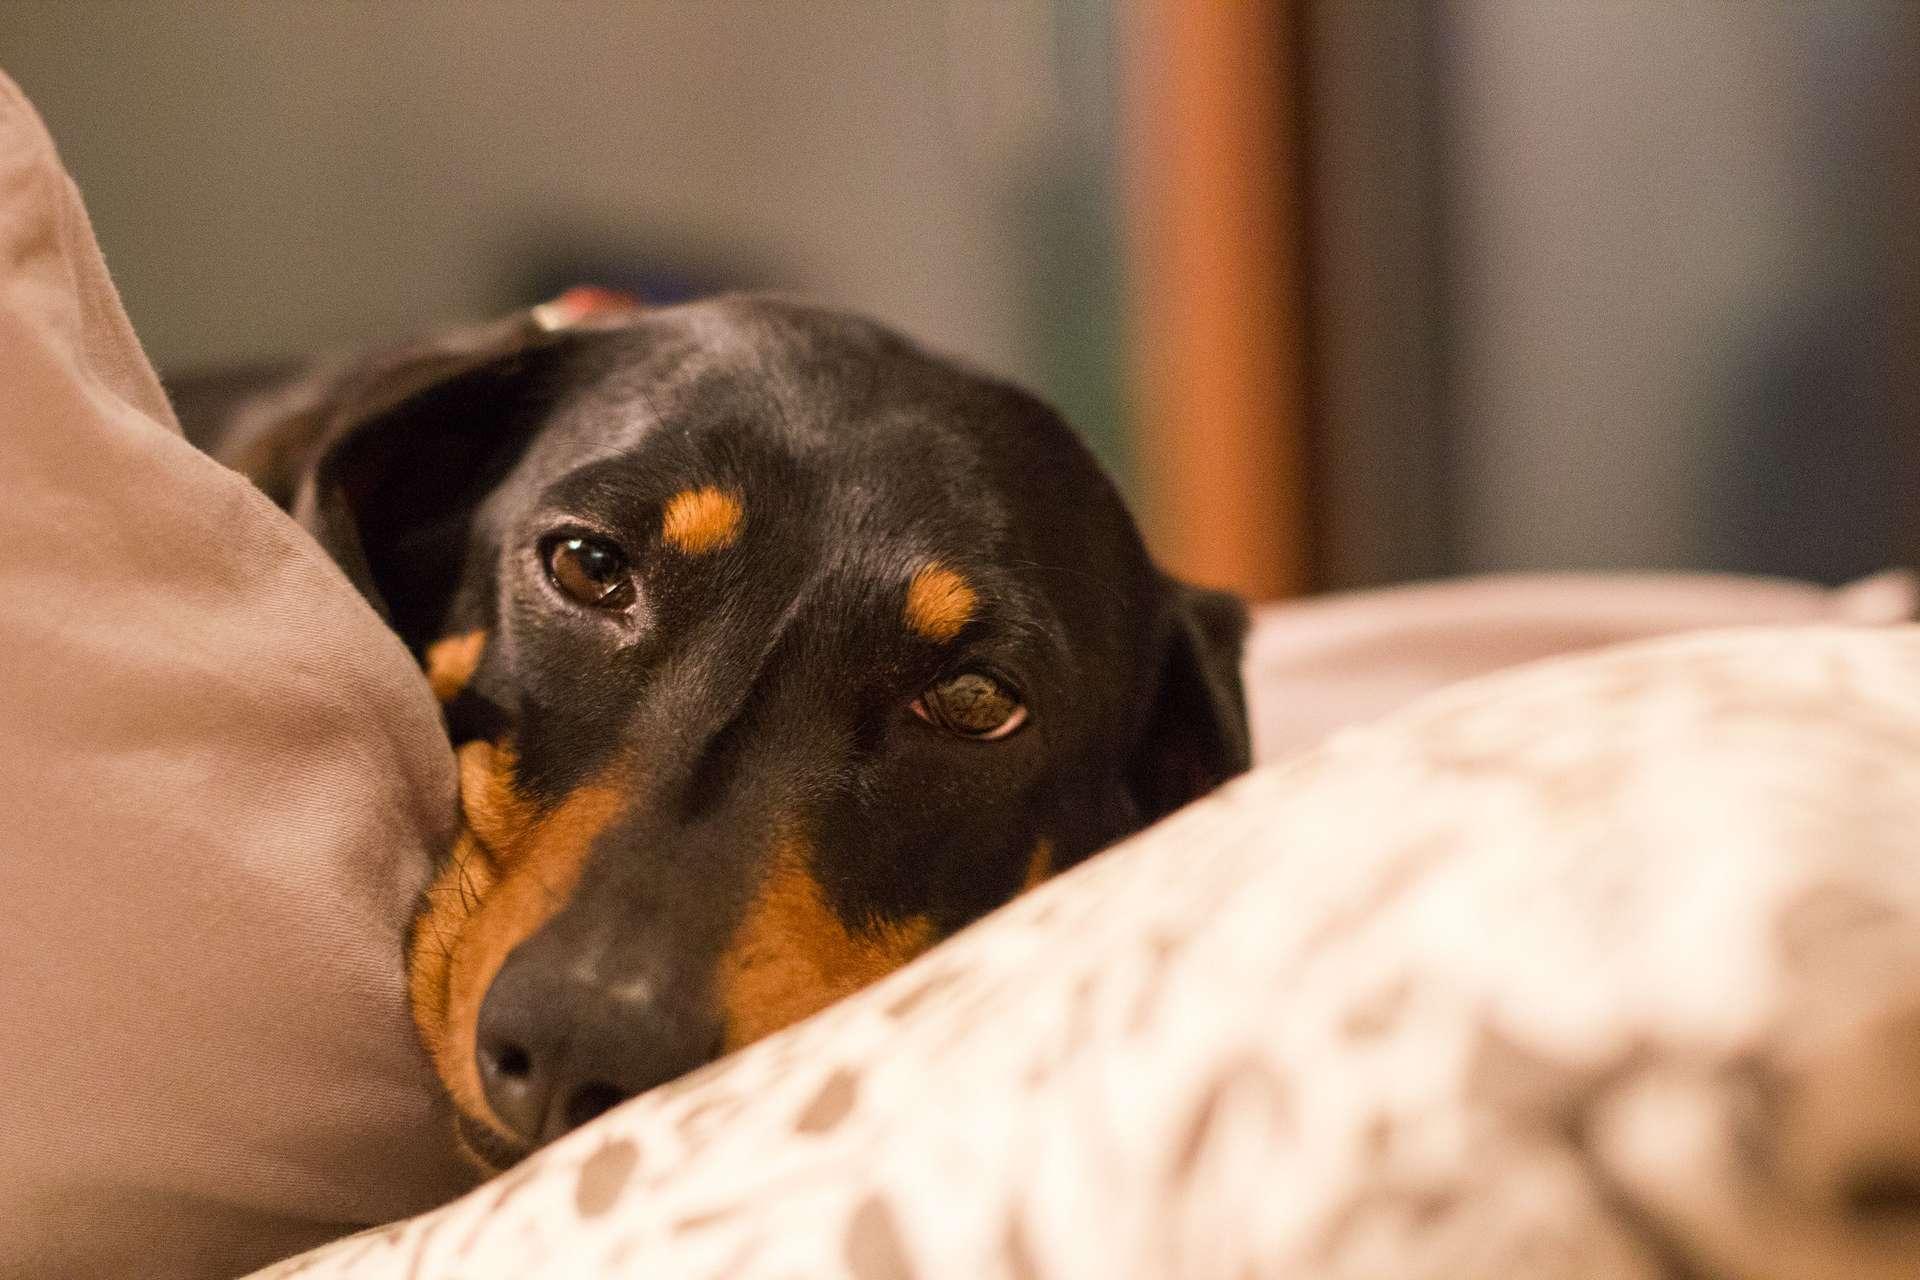 Le coronavirus canin entérique (CCoV) est à l'origine de la vague de chiens malades en Angleterre au début de l'année 2020. © Emily Orpin, Flickr